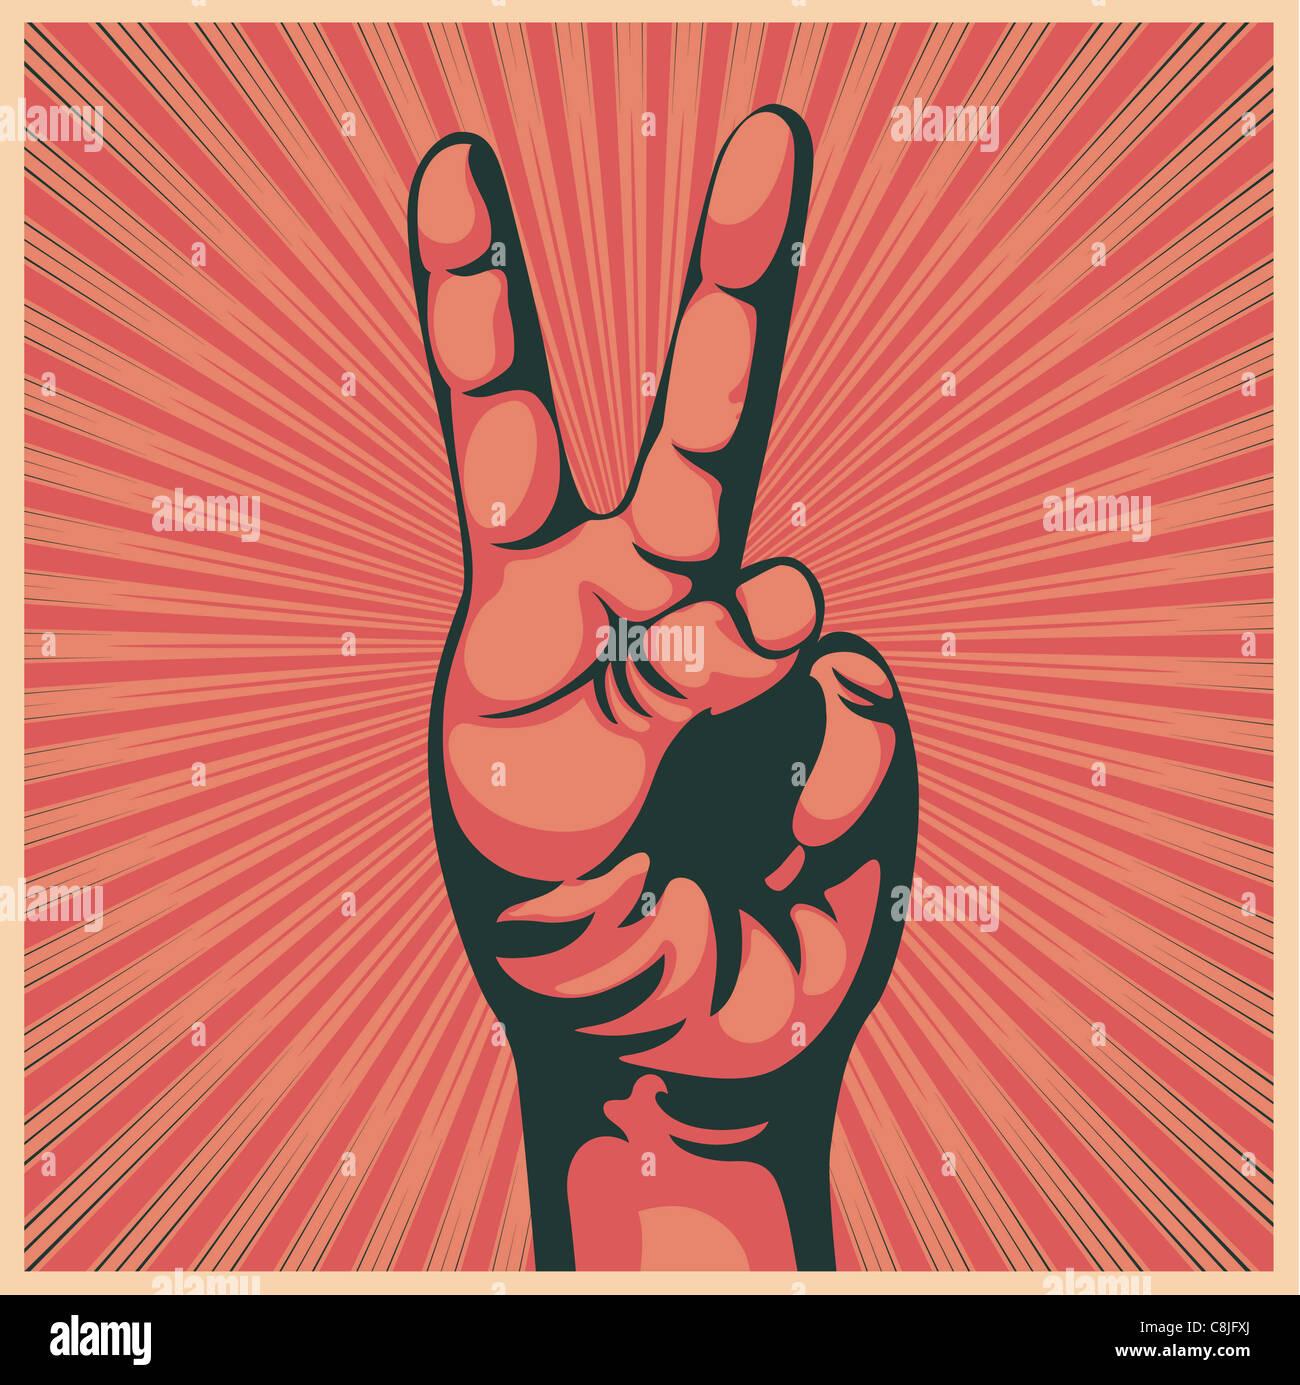 Illustrazione in stile retrò di una mano con il segno della vittoria Immagini Stock